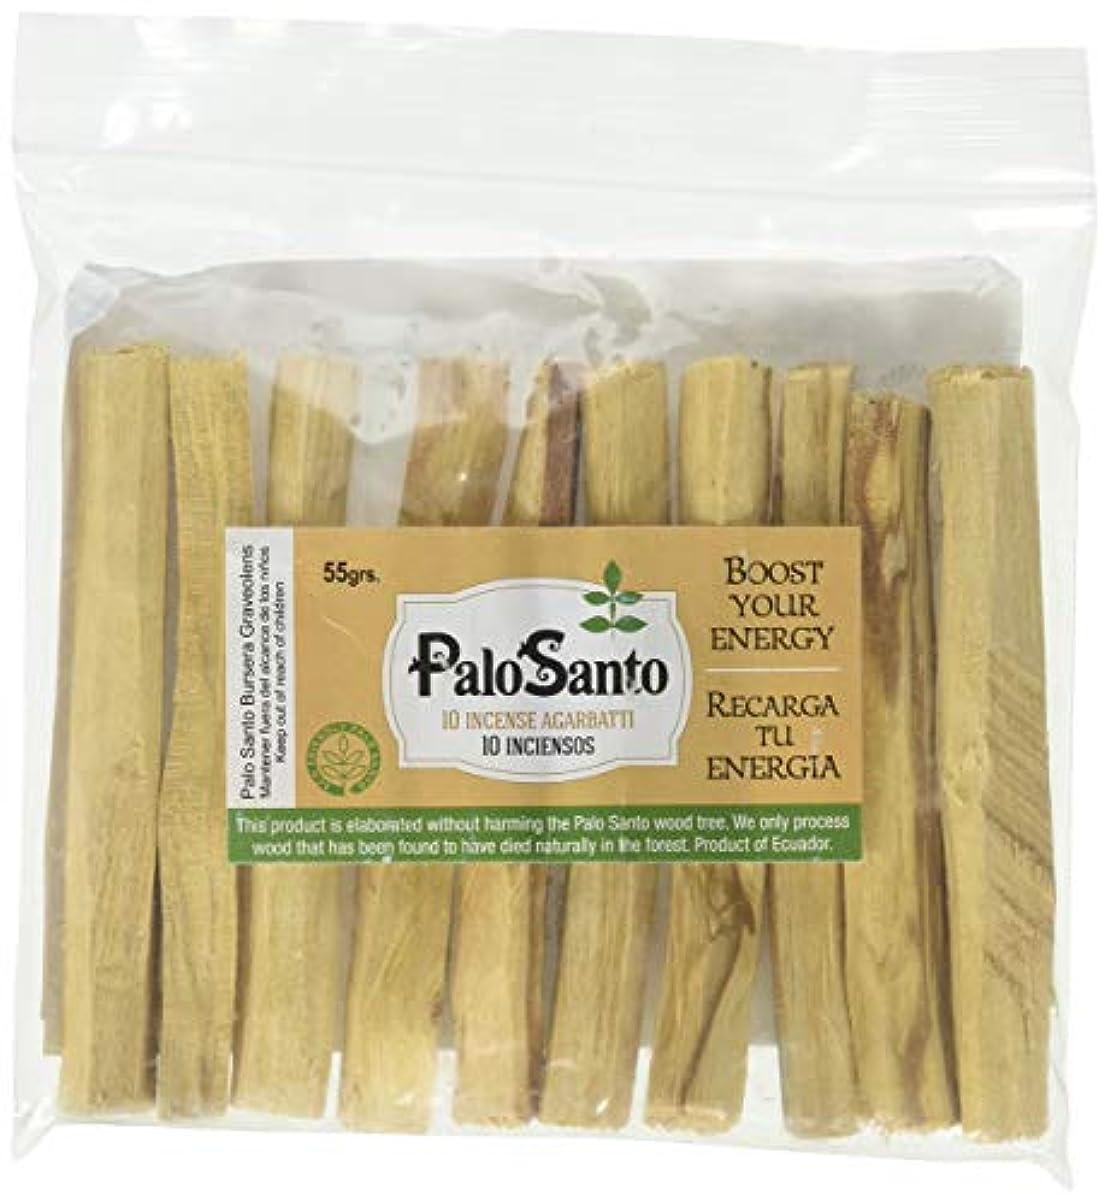 操作物理学者芸術プレミアムAuthenticエクアドルkiln-dried Palo Santo ( Holy Wood ) Insence Sticks ( 10 )、野生の収穫、100 %自然のPurifying、クレンジング、ヒーリング...